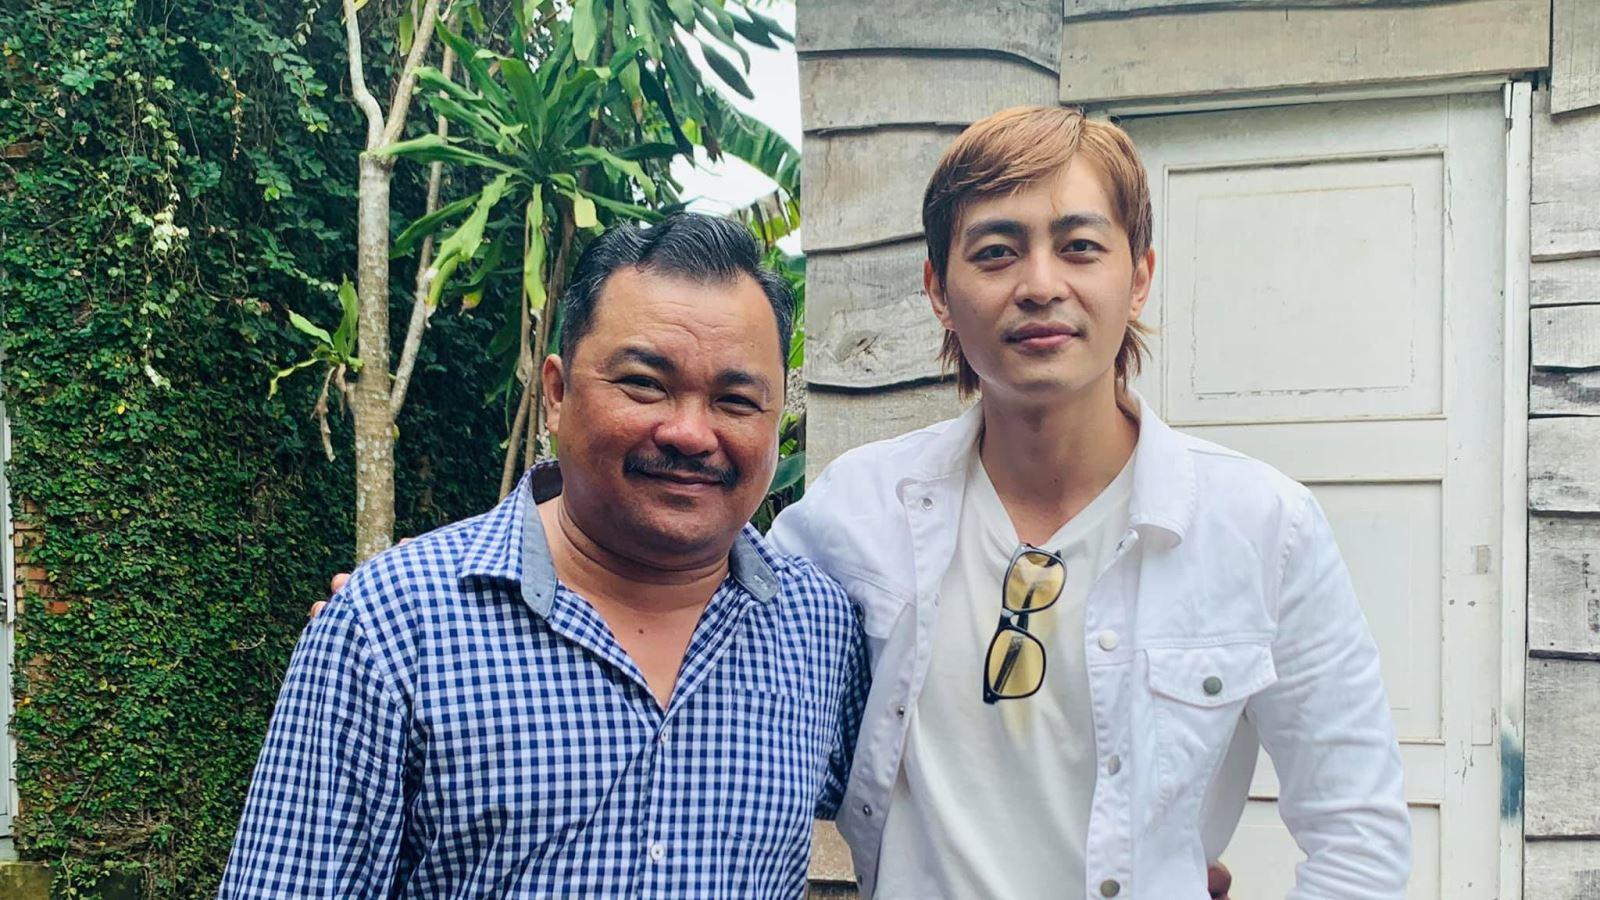 80 tập phim 'Vua bánh mì' phiên bản Việt lên sóng THVL1